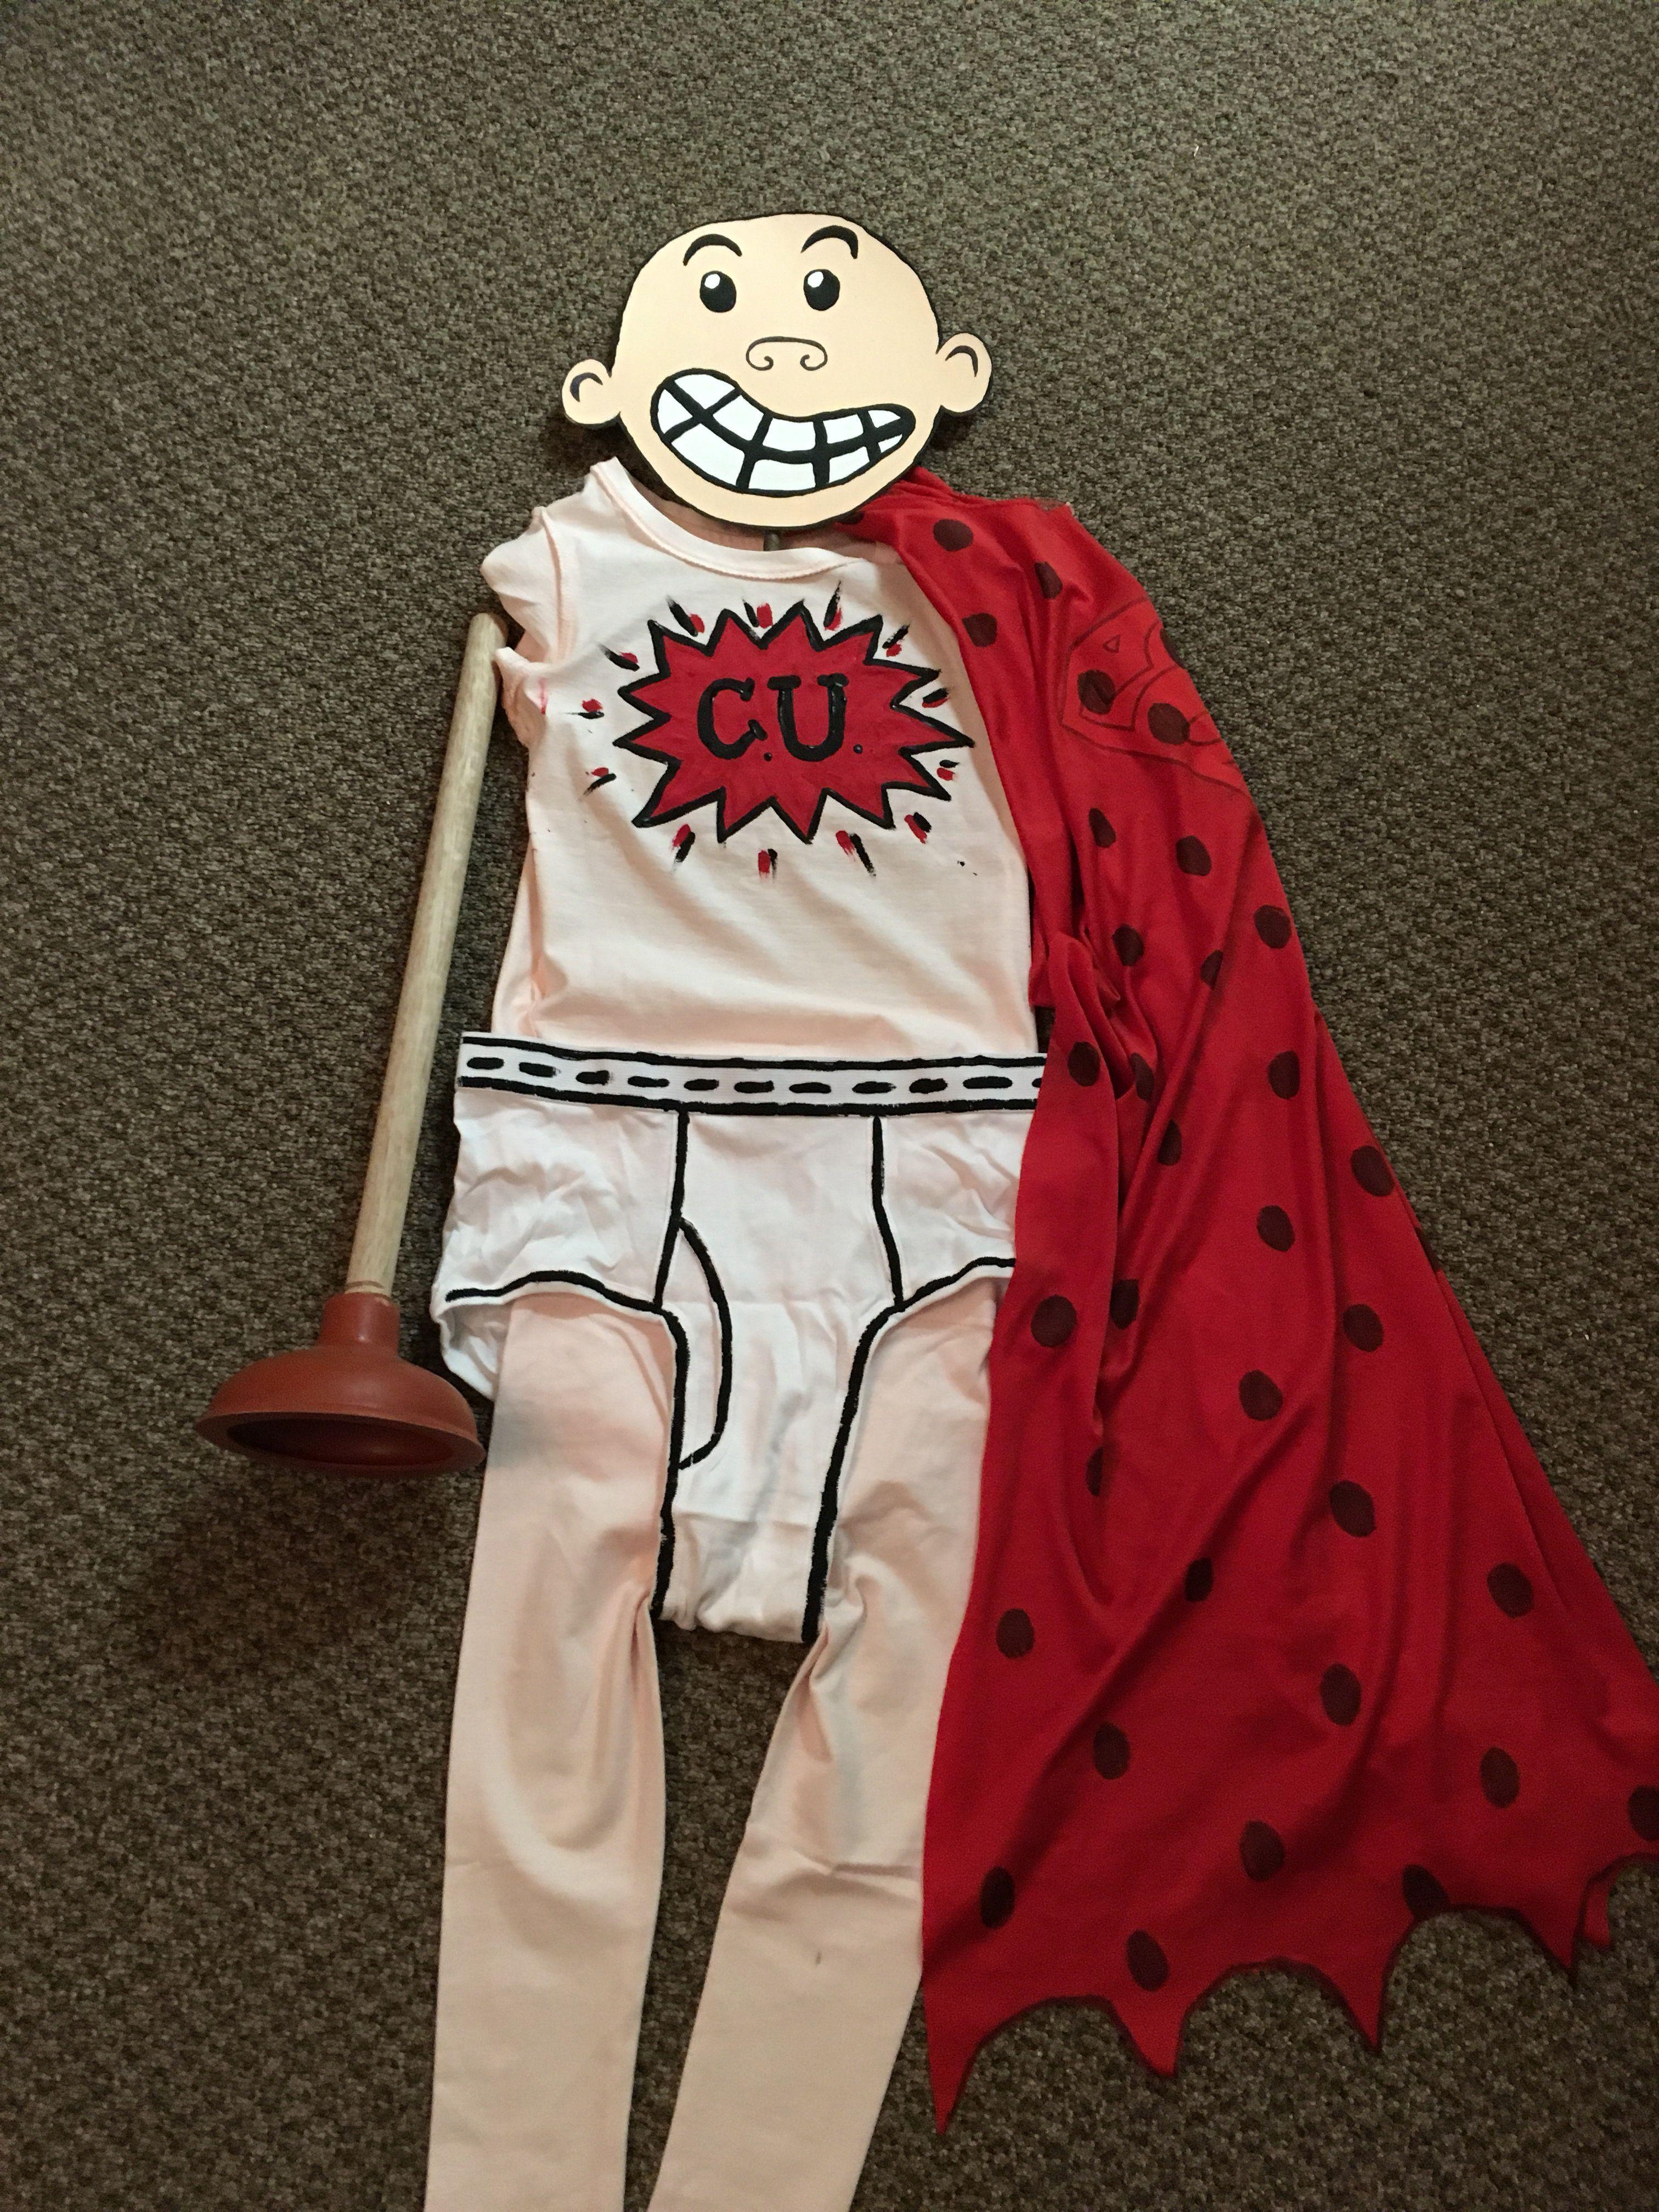 Captain Underpants Costume #captainunderpantscostume #captainunderpantscostume